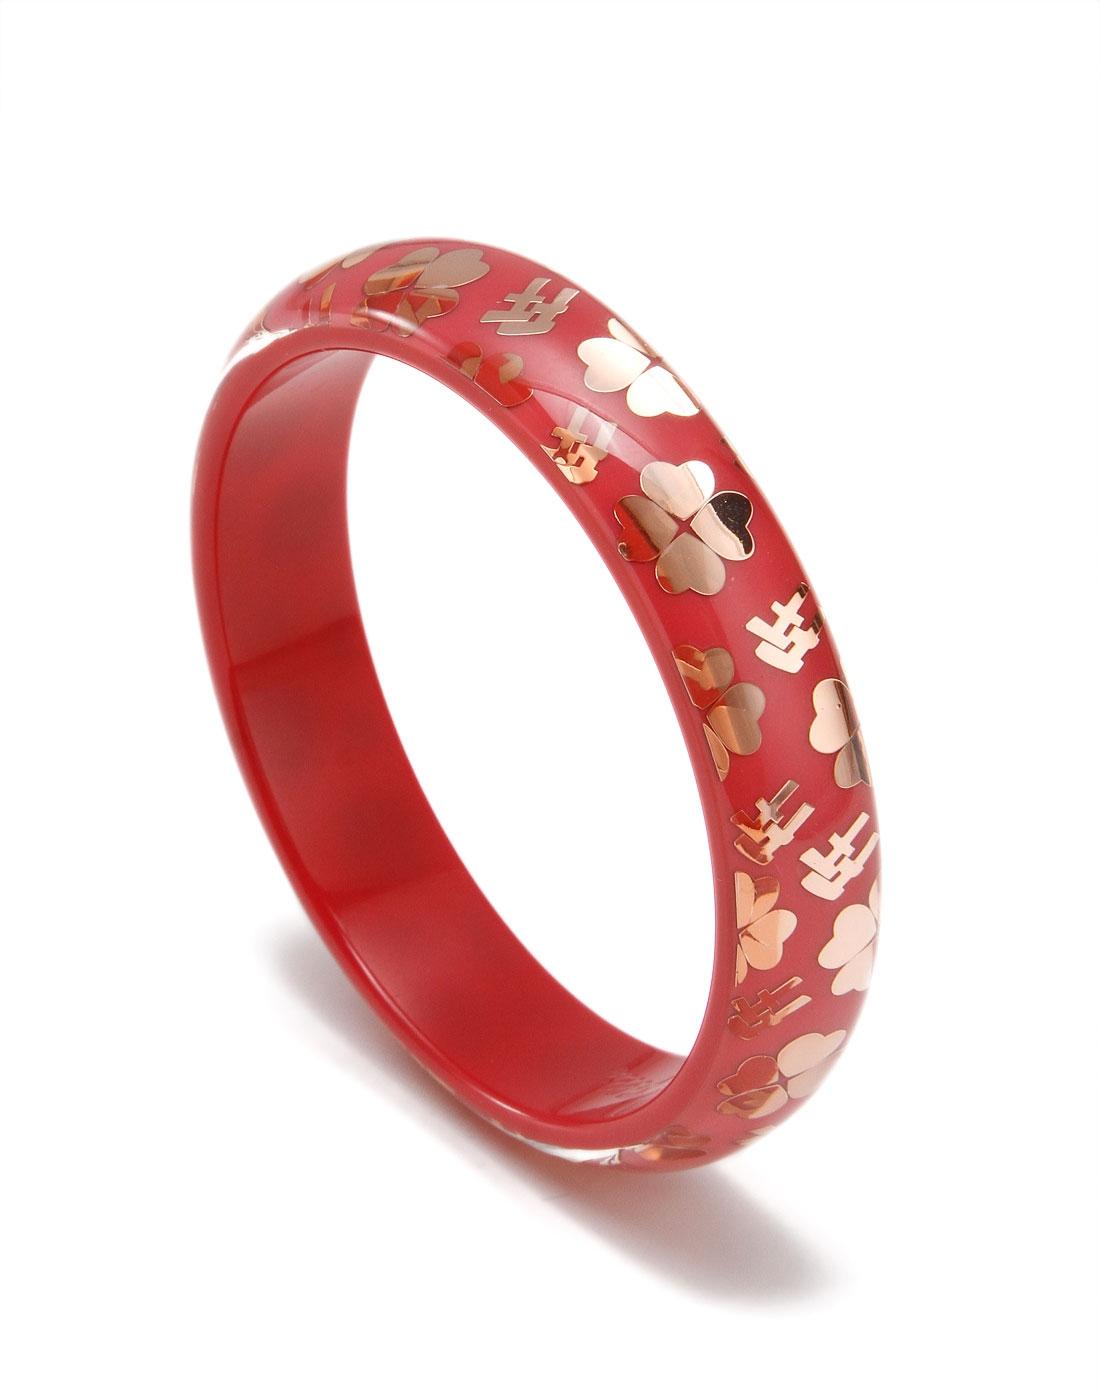 时尚四叶花纹玫瑰金红色手镯